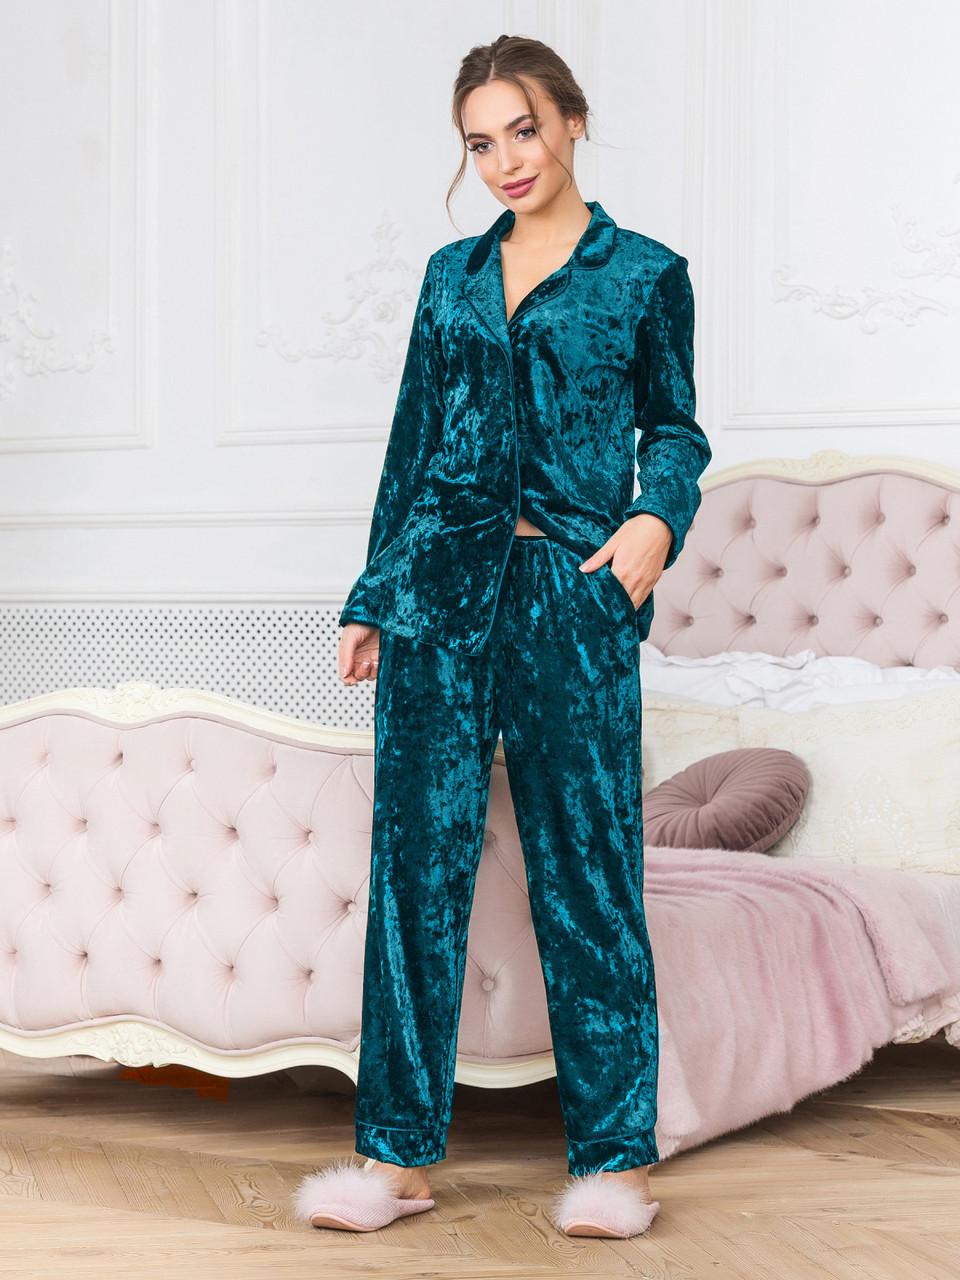 bec5cceb8c0 Зеленый бархатный брючный костюм пижама Кристи - DS Moda - женская одежда  оптом от производителя в